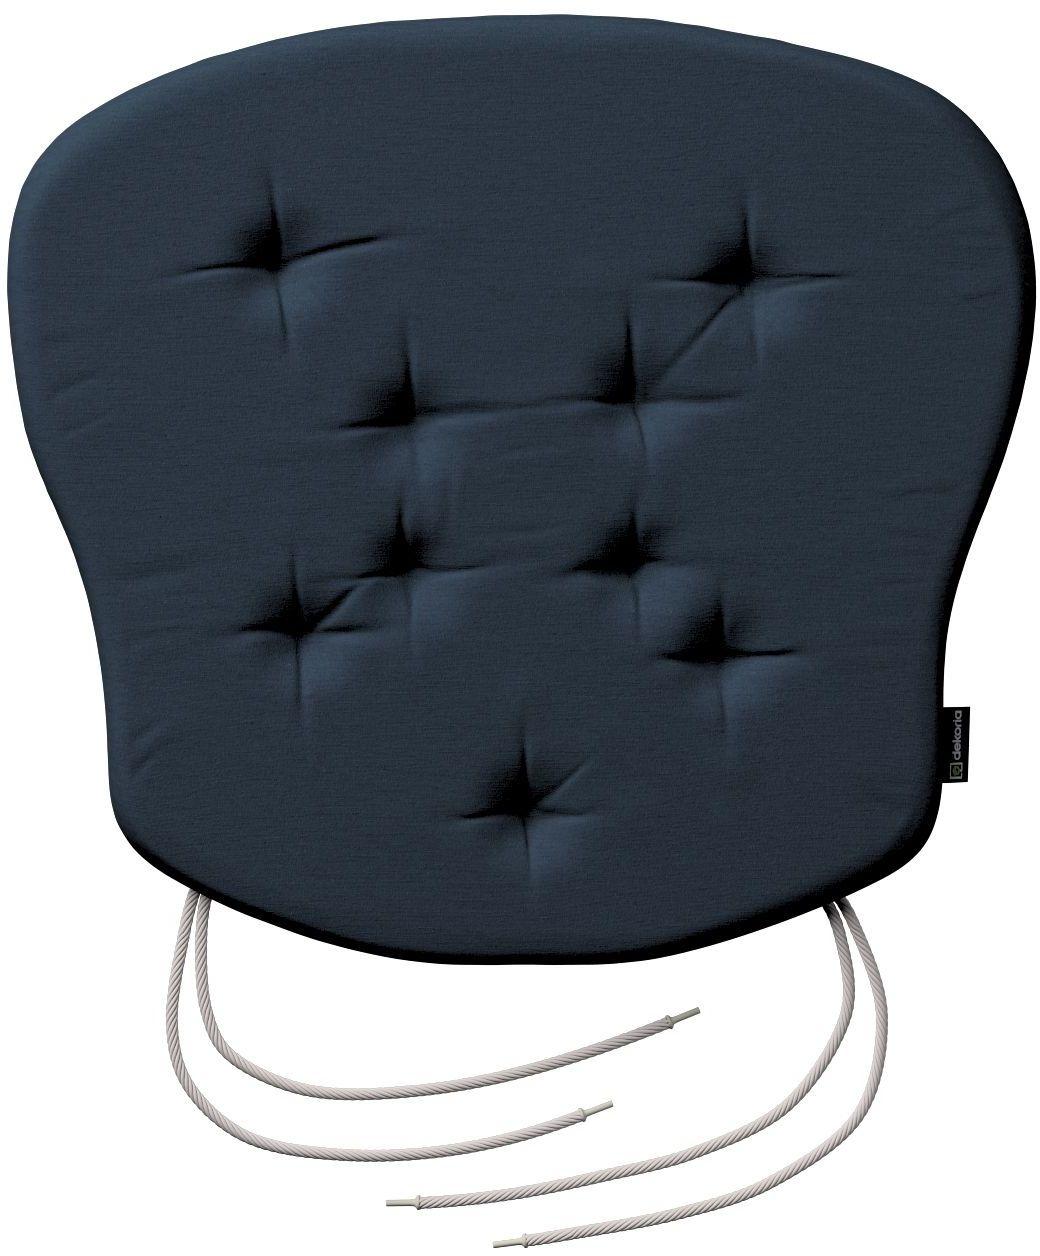 Siedzisko Filip na krzesło, granatowy, 41  38  3,5 cm, Quadro